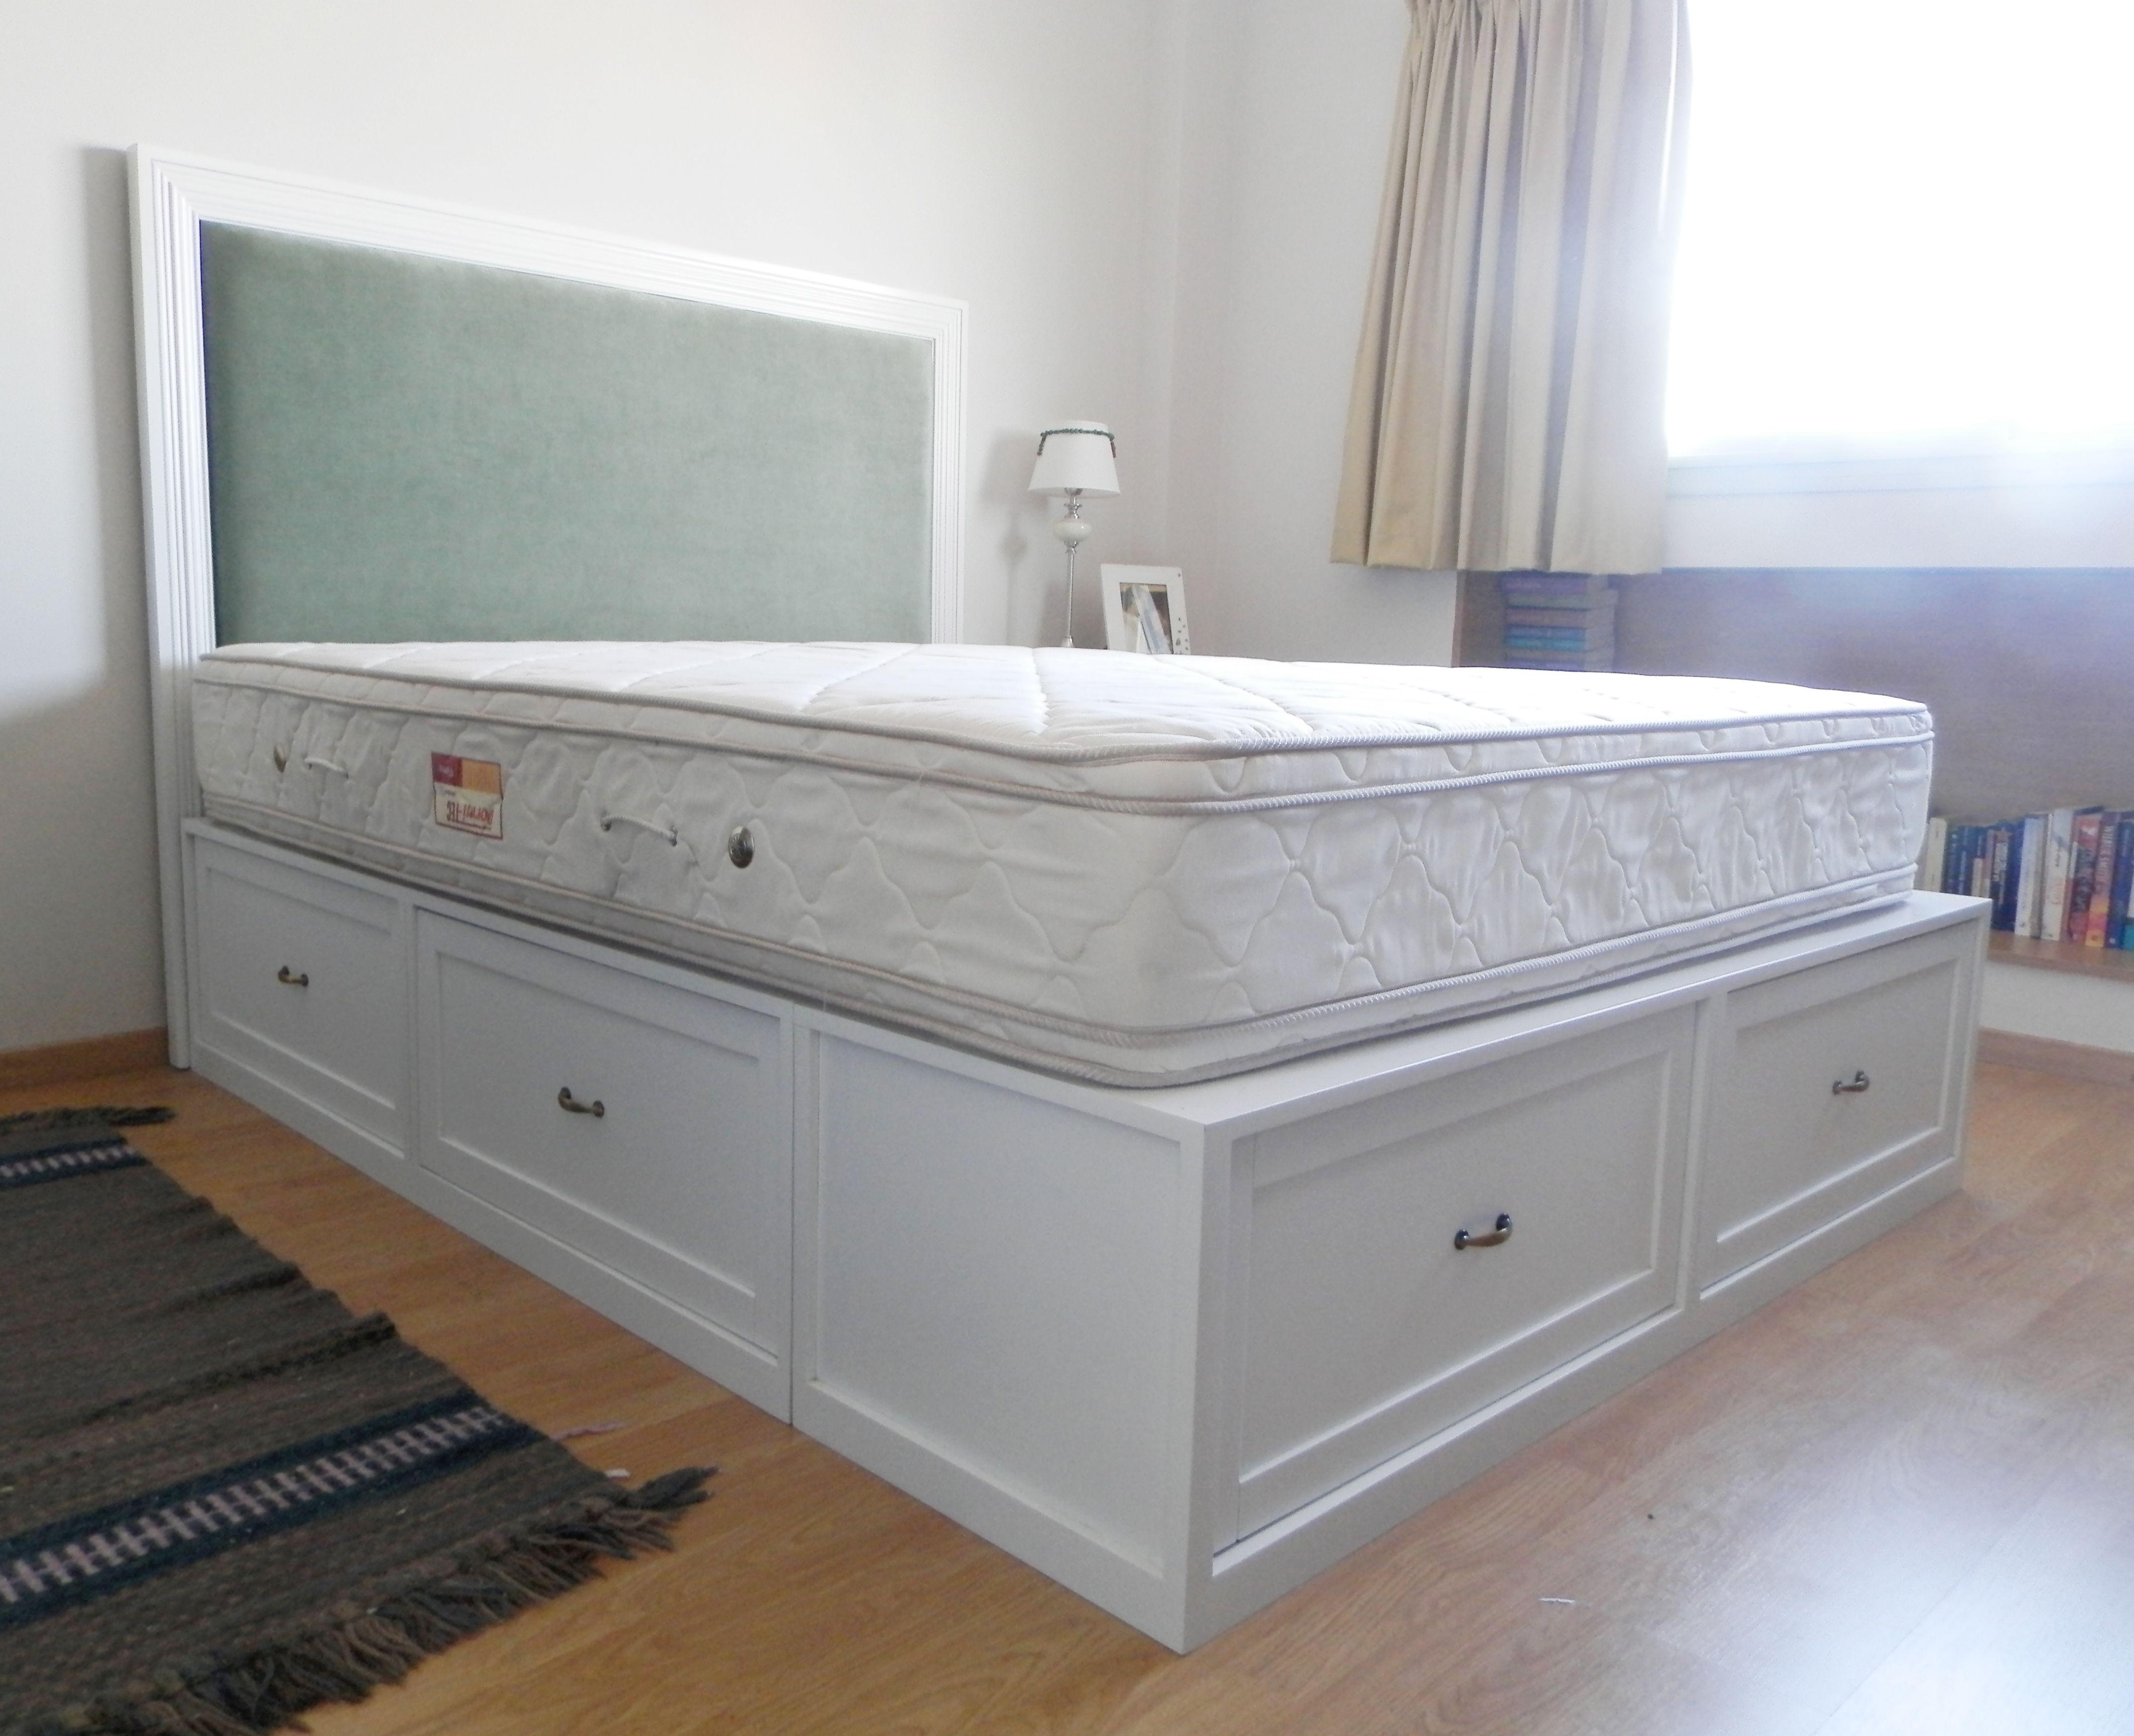 Cama con cajones linea molduras a medida pinterest for Casa silvia muebles y colchones olavarria buenos aires